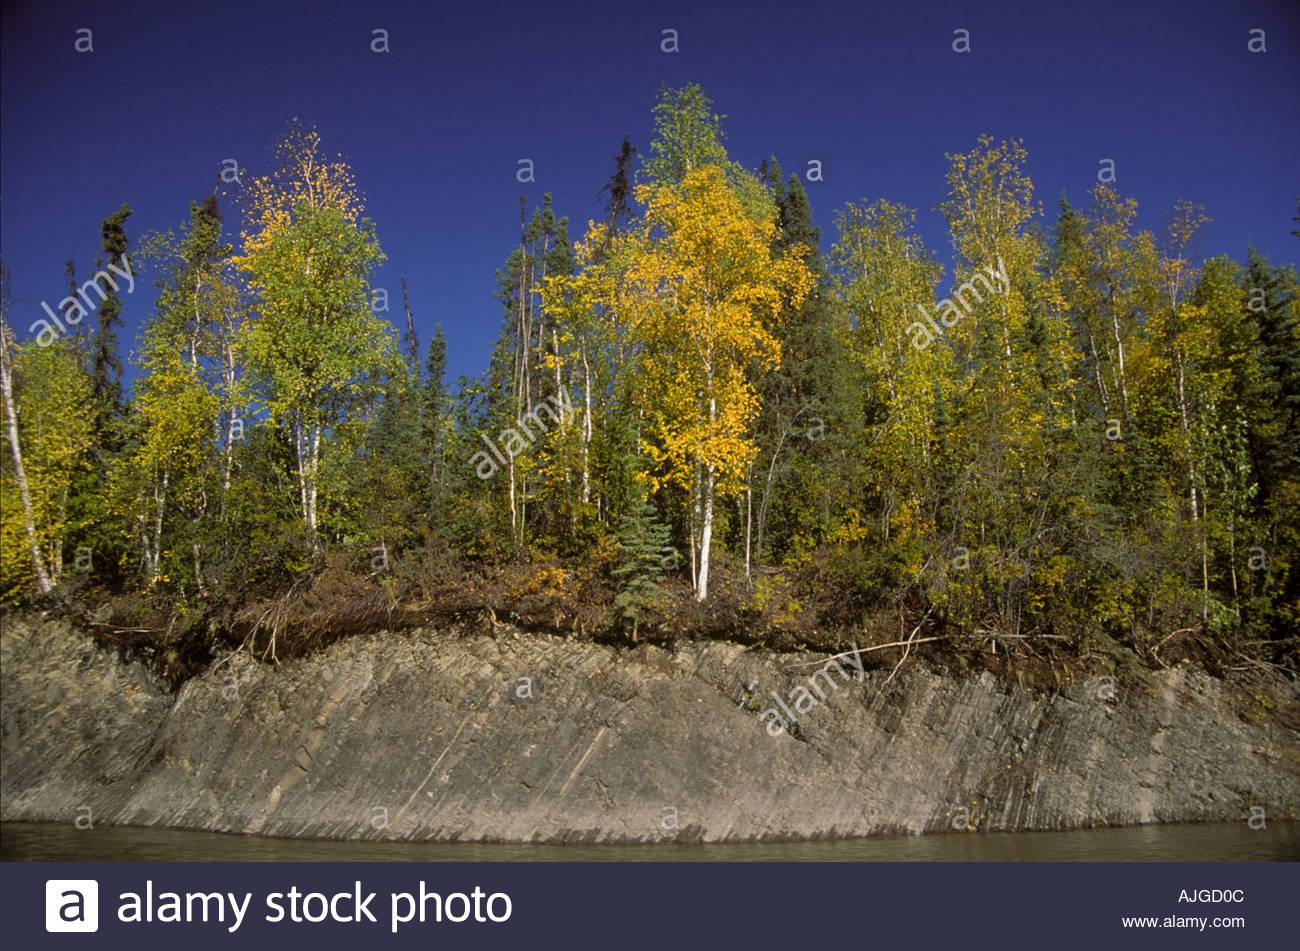 La foresta boreale colori autunnali di abete rosso betulla - Immagine di terra a colori ...